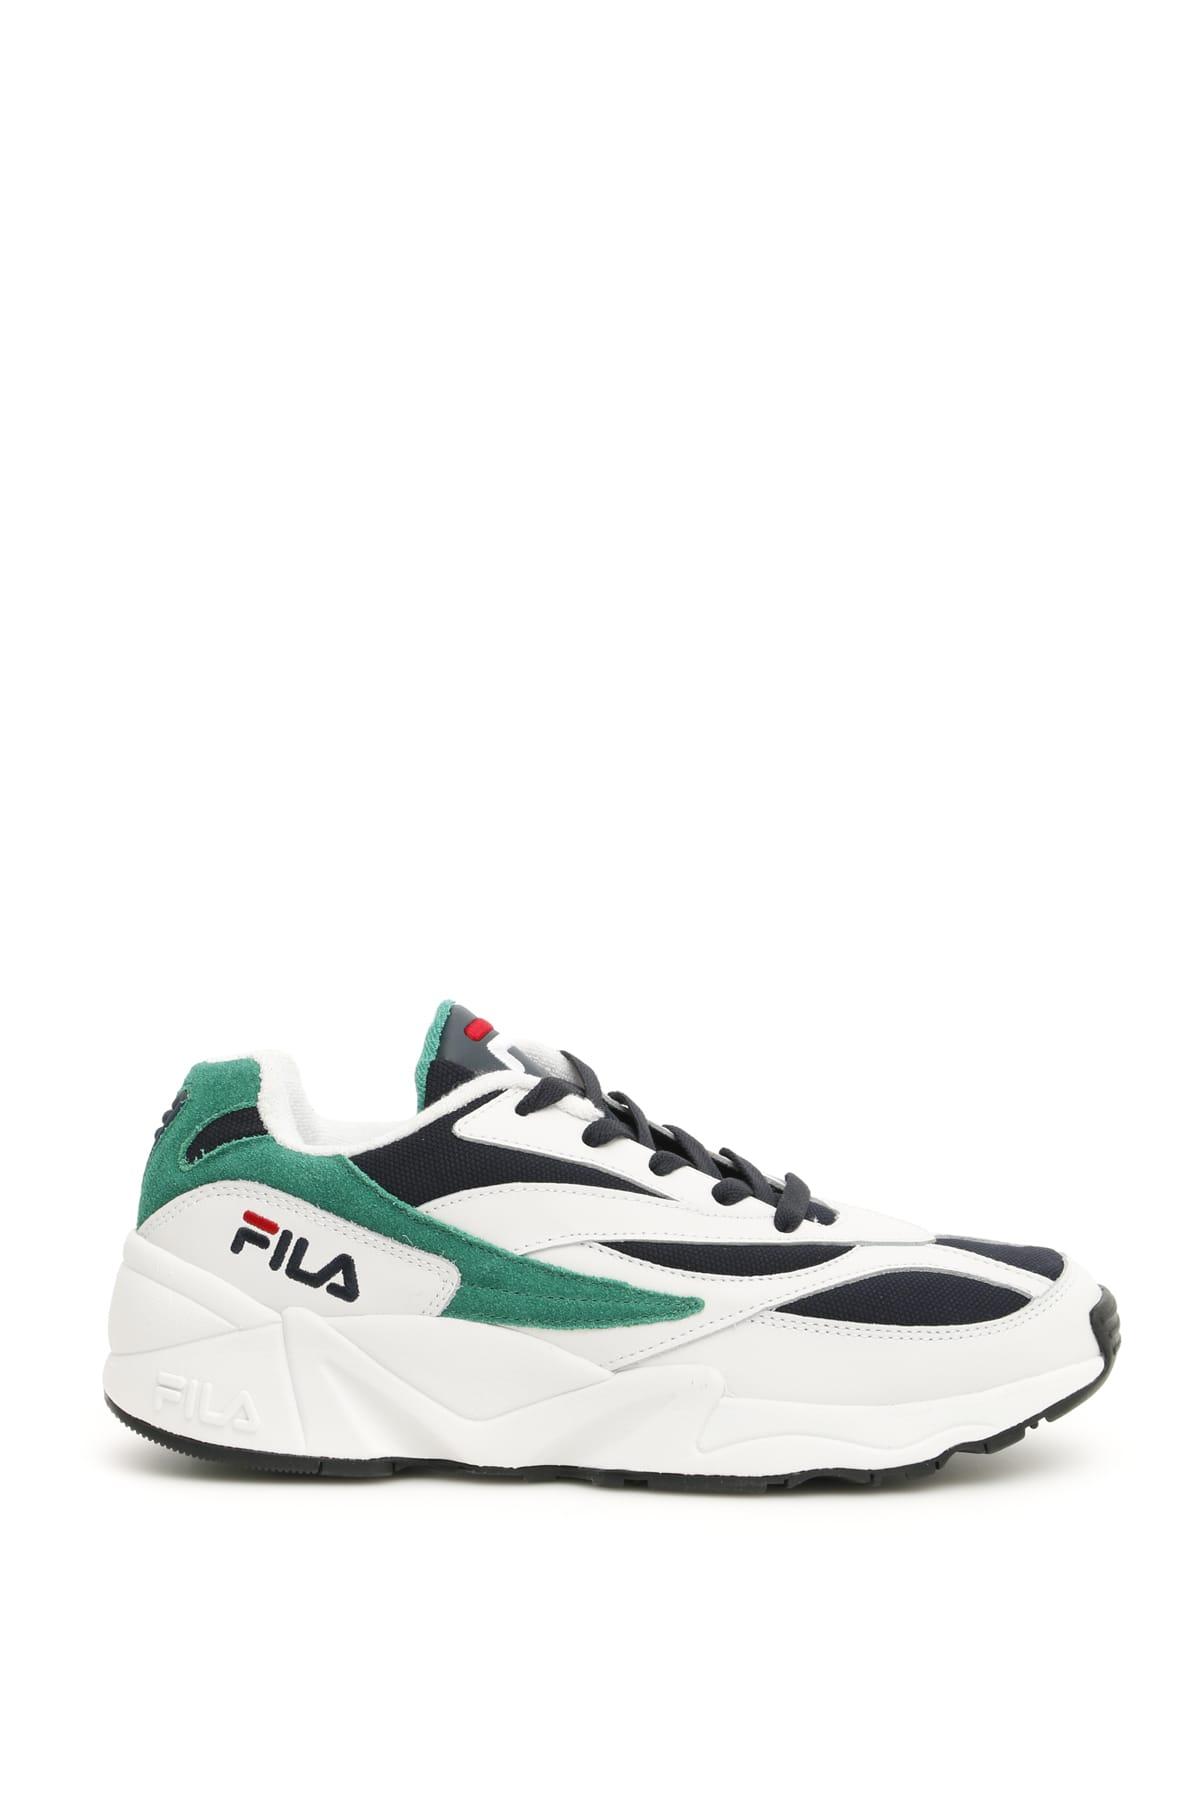 Fila Fila Low Venom Heritage Sneakers - WHITE GREEN NAVY ...